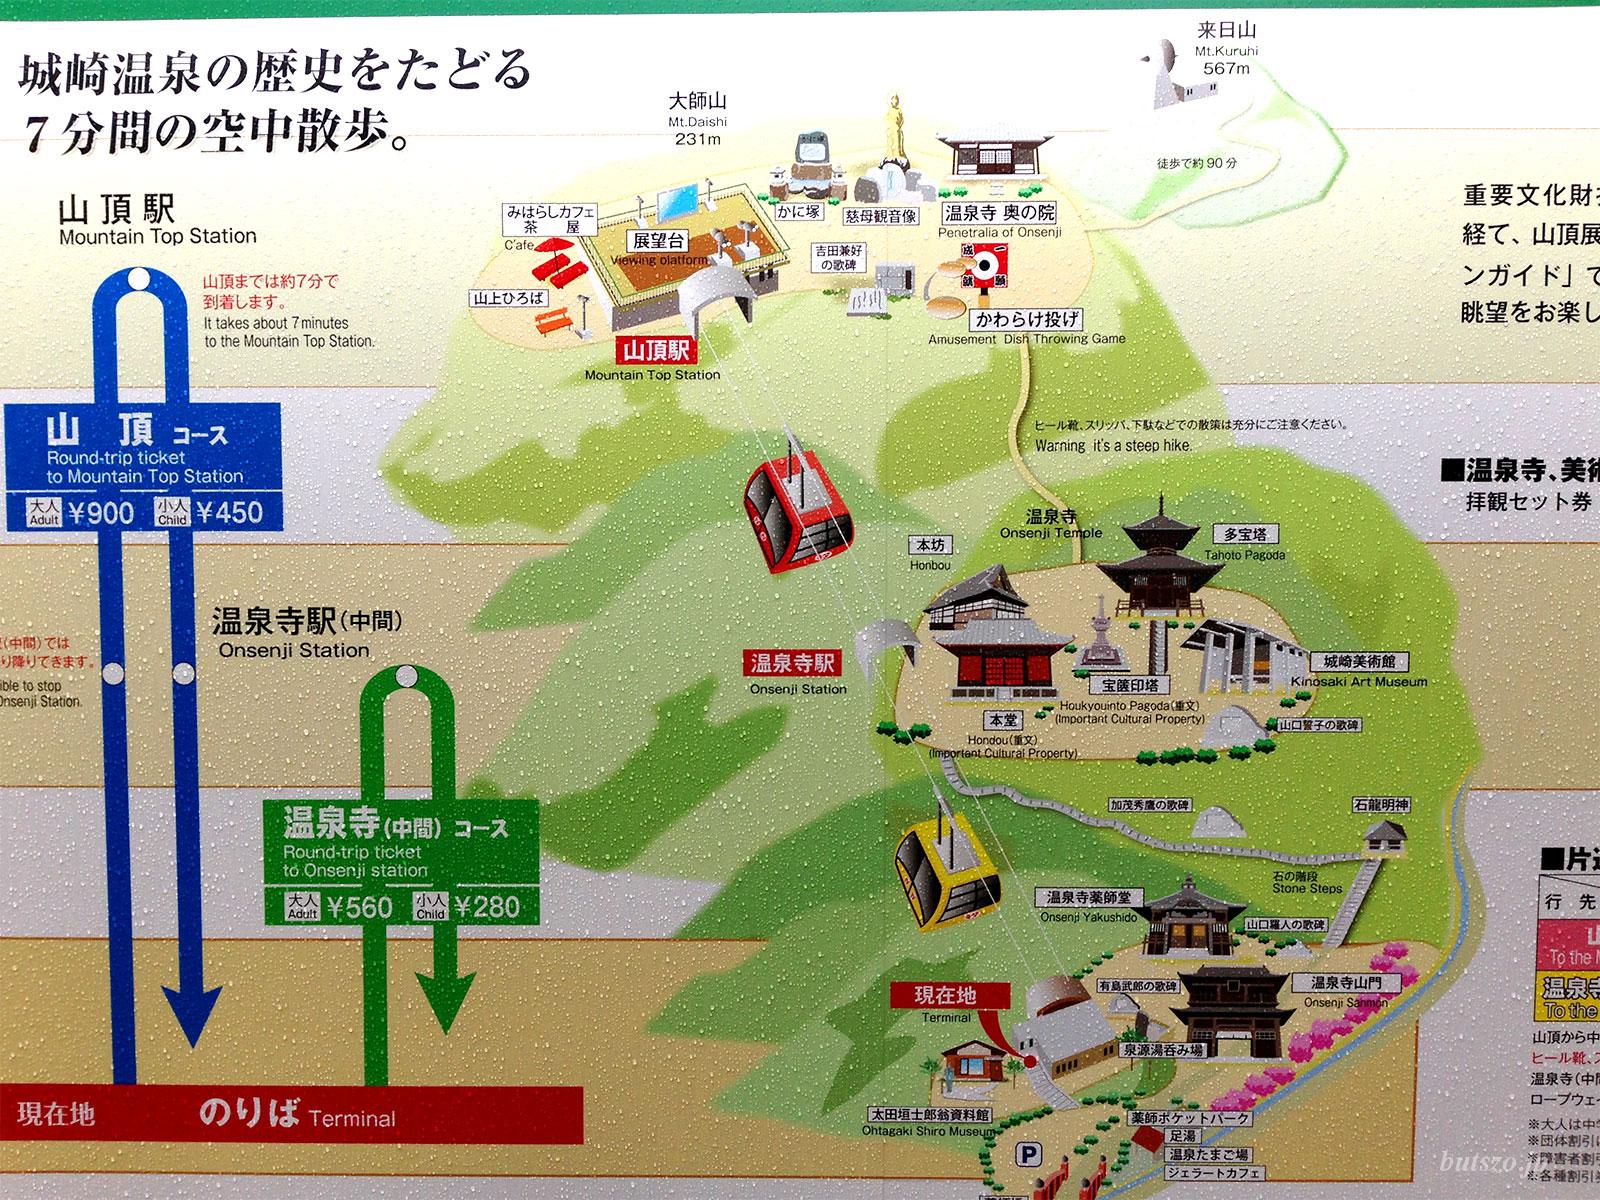 温泉寺境内図とロープウェイ